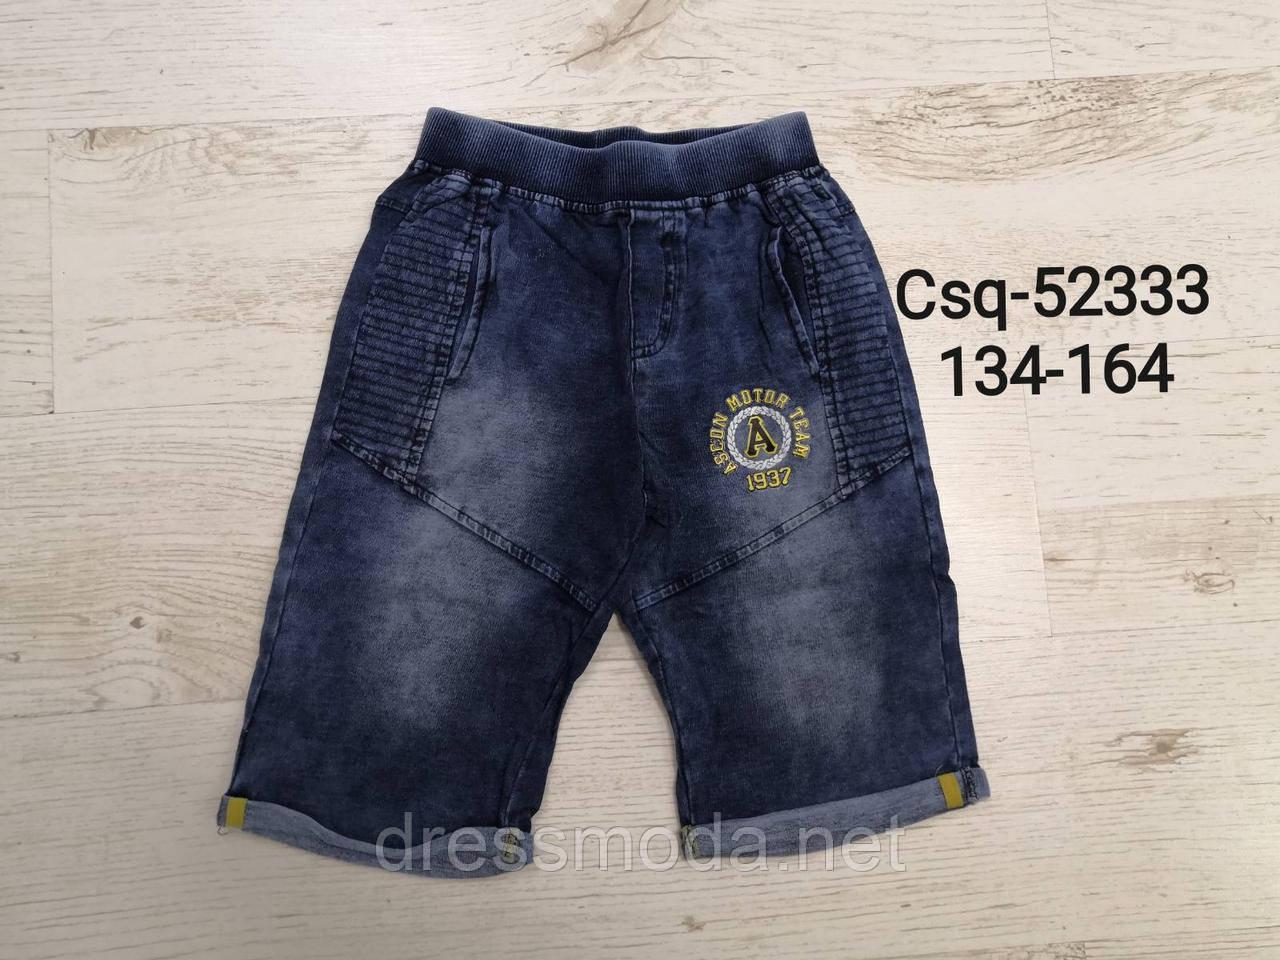 Джинсові шорти для хлопчиків Seagull 134-164 р. р.